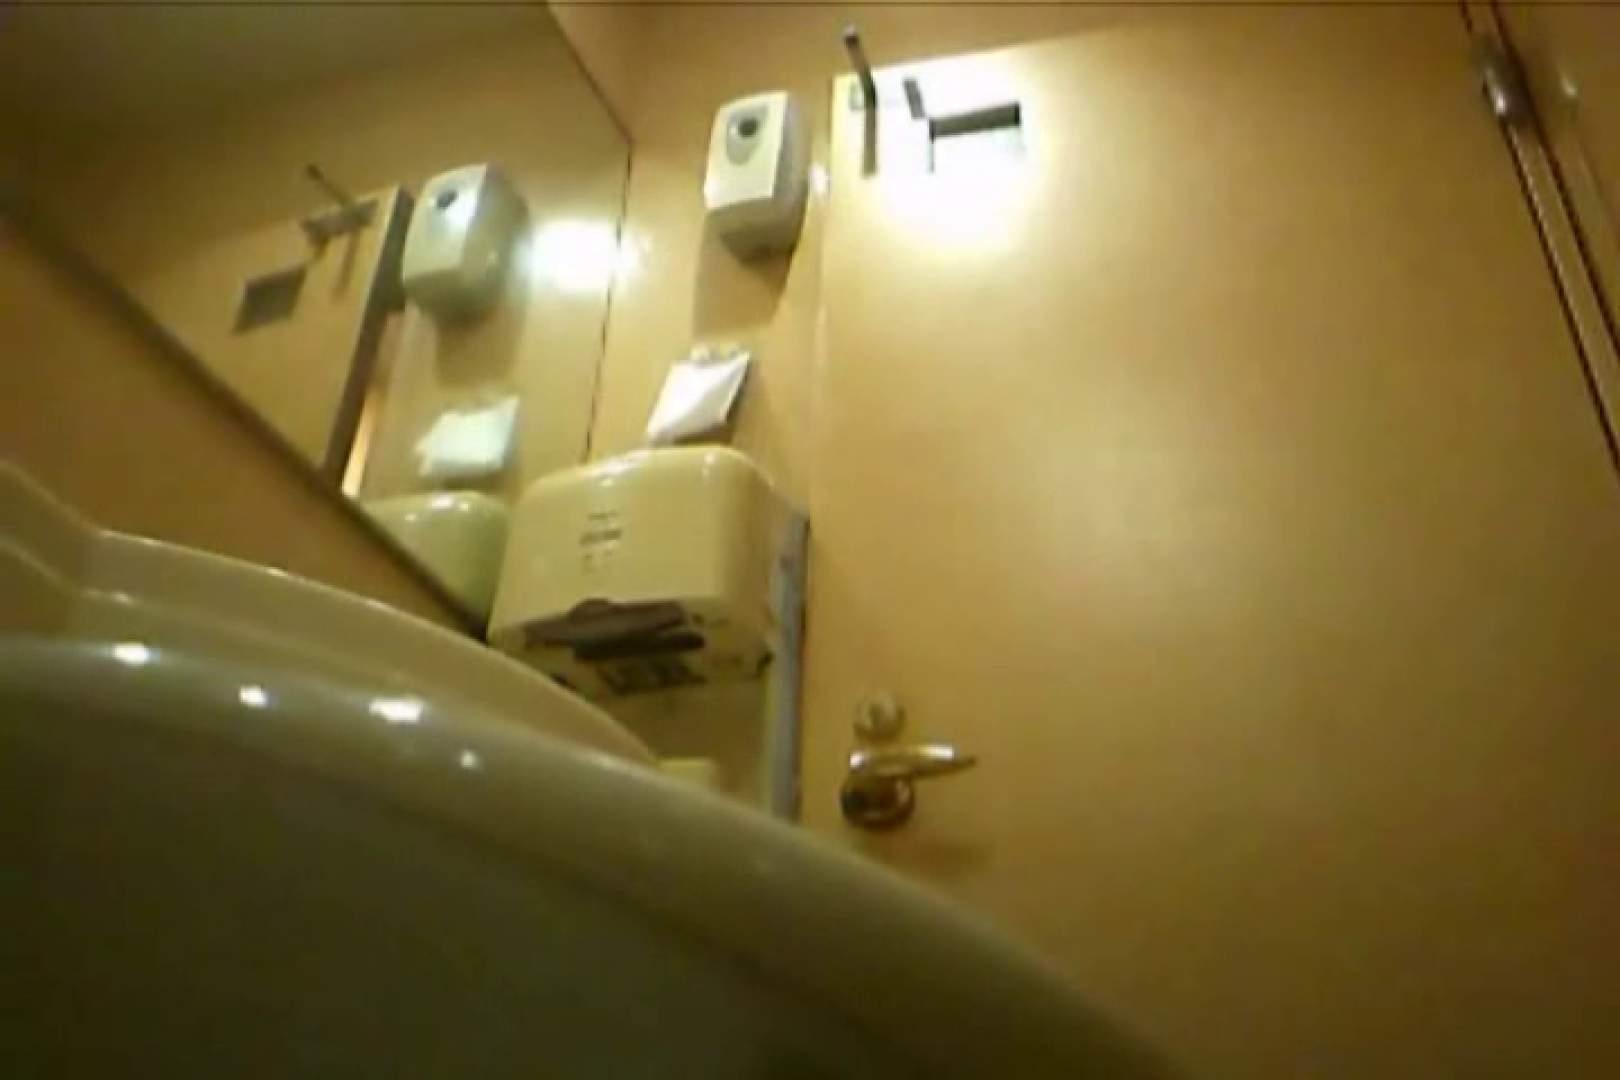 Gボーイ初投稿!掴み取りさんの洗面所覗き!in新幹線!VOL.17 スーツボーイズ | スジ筋系ボーイズ  104pic 90